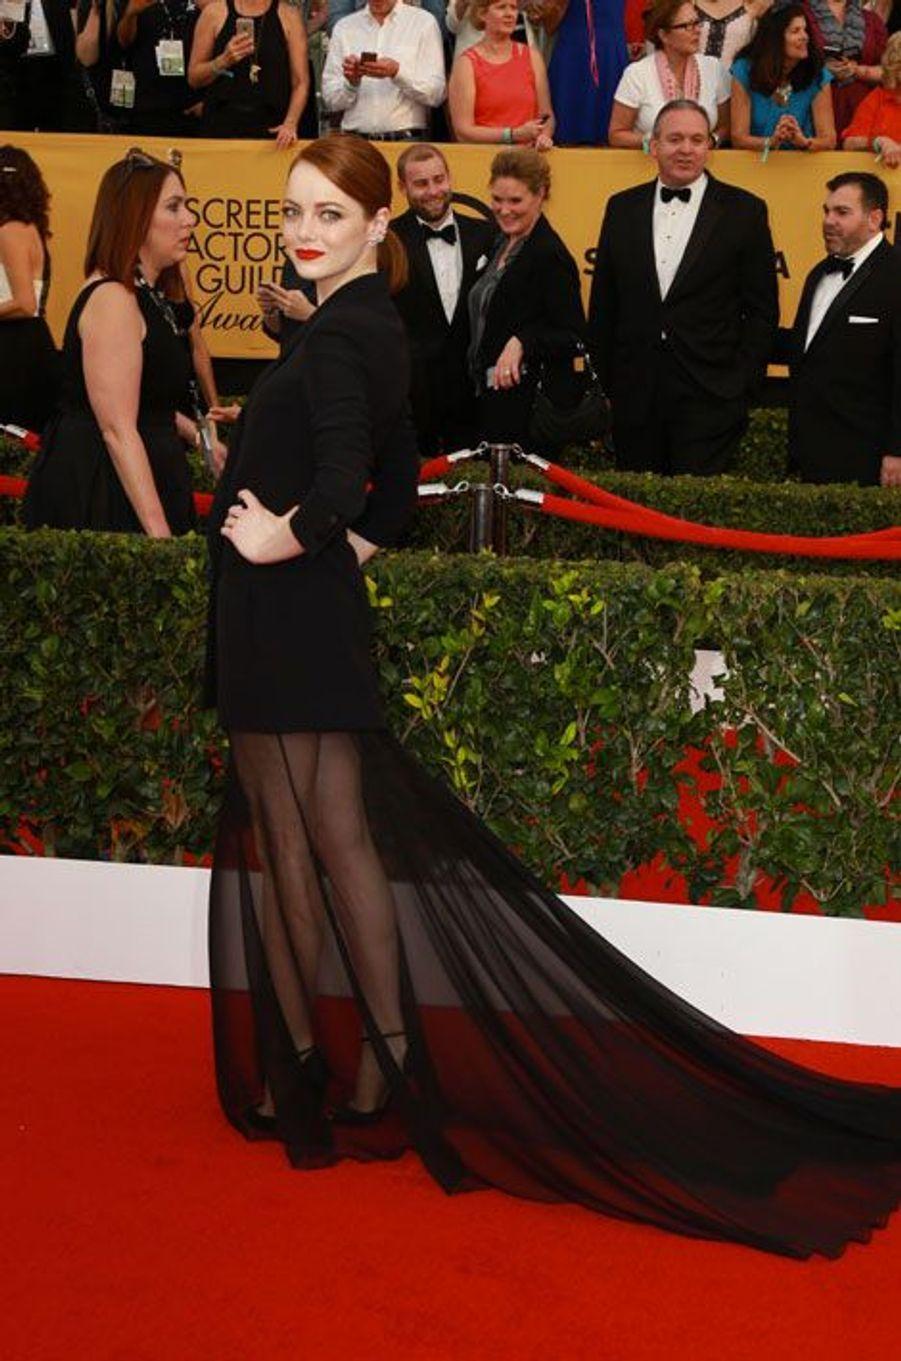 L'actrice Emma Stone en Christian Dior lors de la cérémonie des Screen Actors Awards à Los Angeles, le 25 janvier 2015